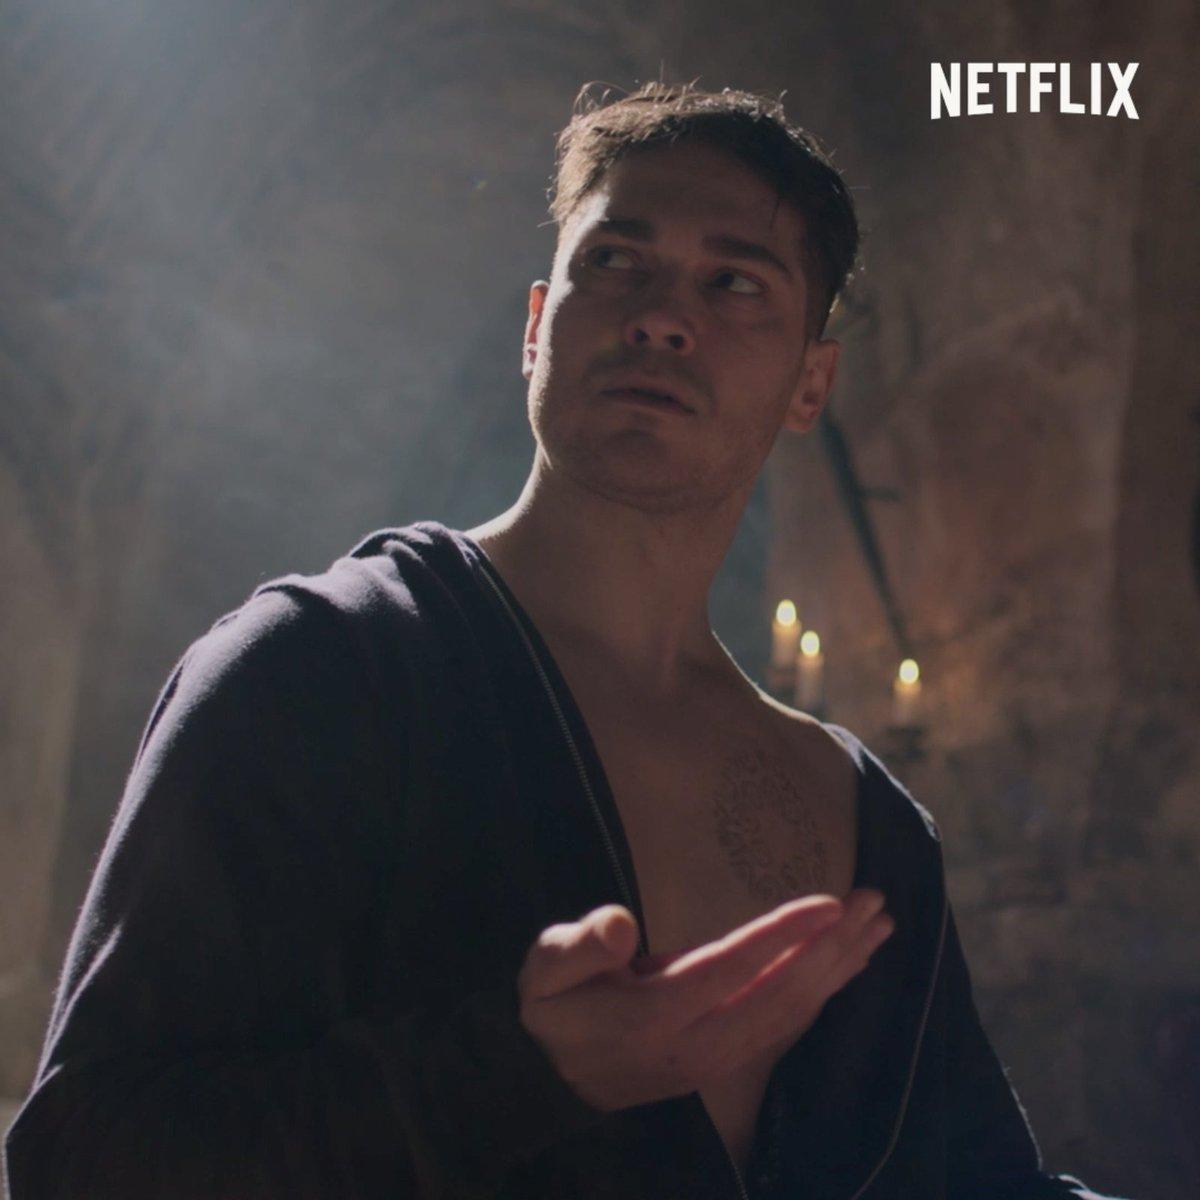 Bir şehir, bir kahraman. Ölümsüz bir düşman ve onlarca sadık olan. Hakan: Muhafız 14 Aralık'ta sadece Netflix'te. #HakanMuhafız